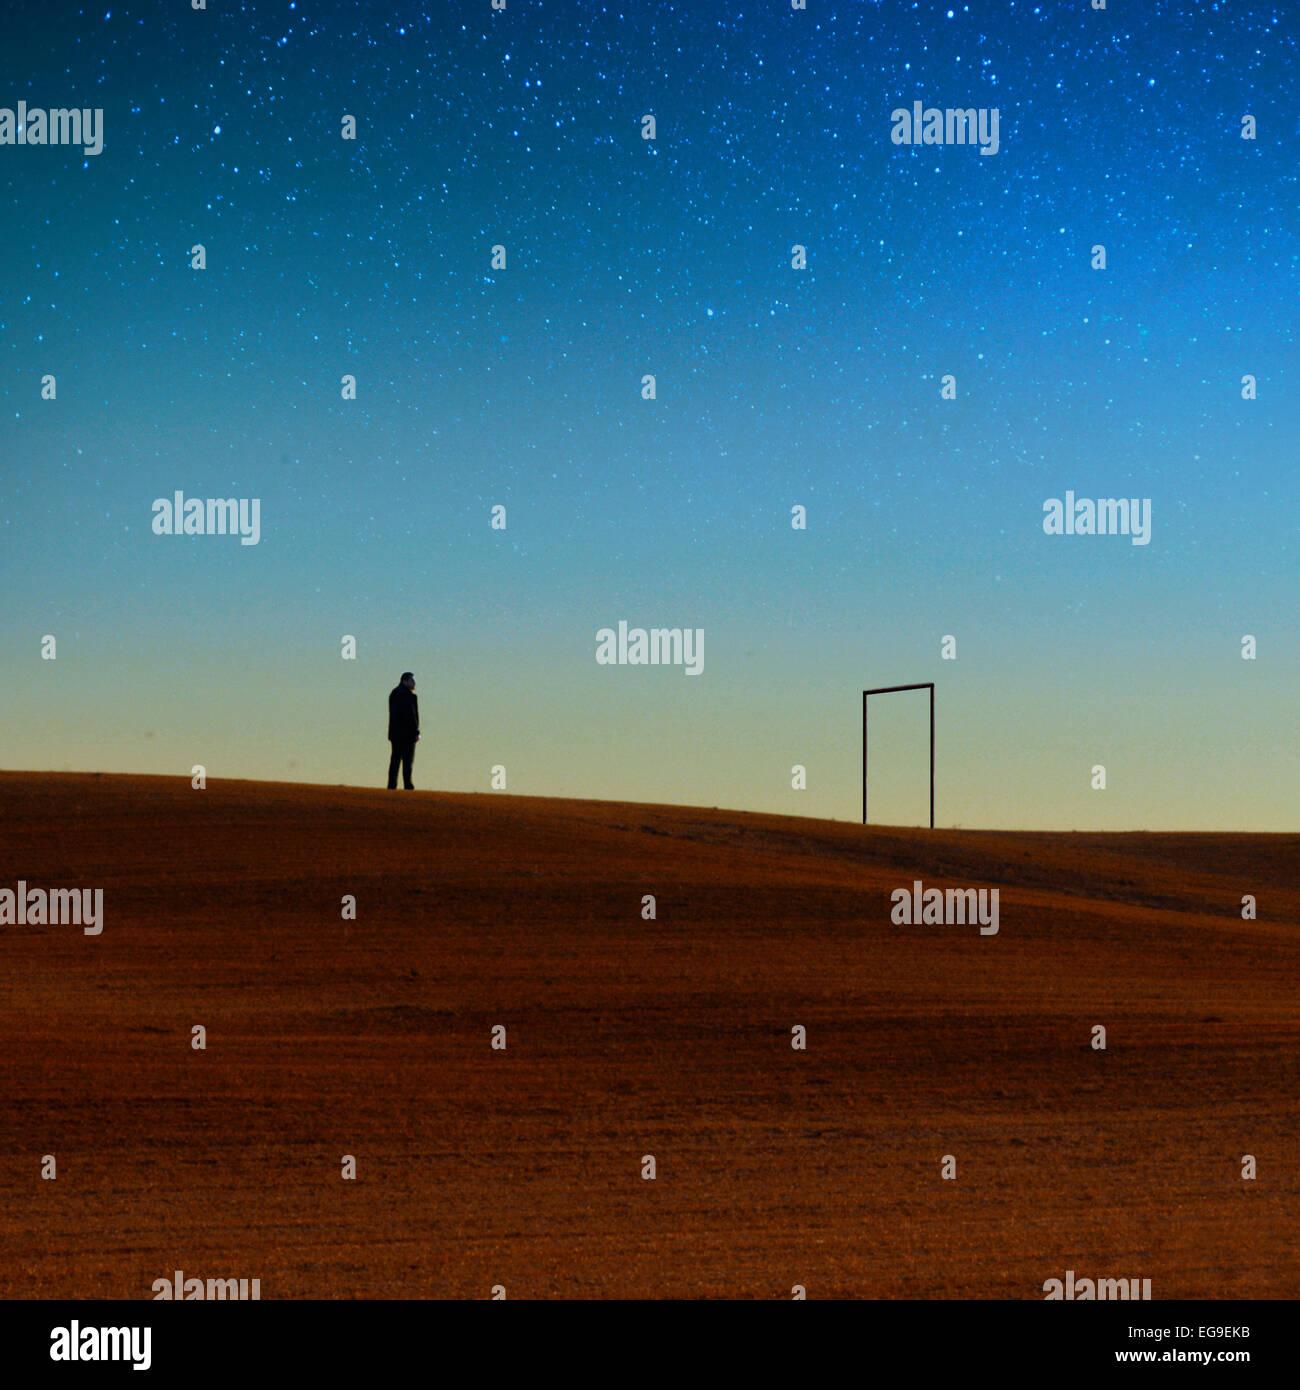 Silueta del hombre contra el cielo nocturno Imagen De Stock